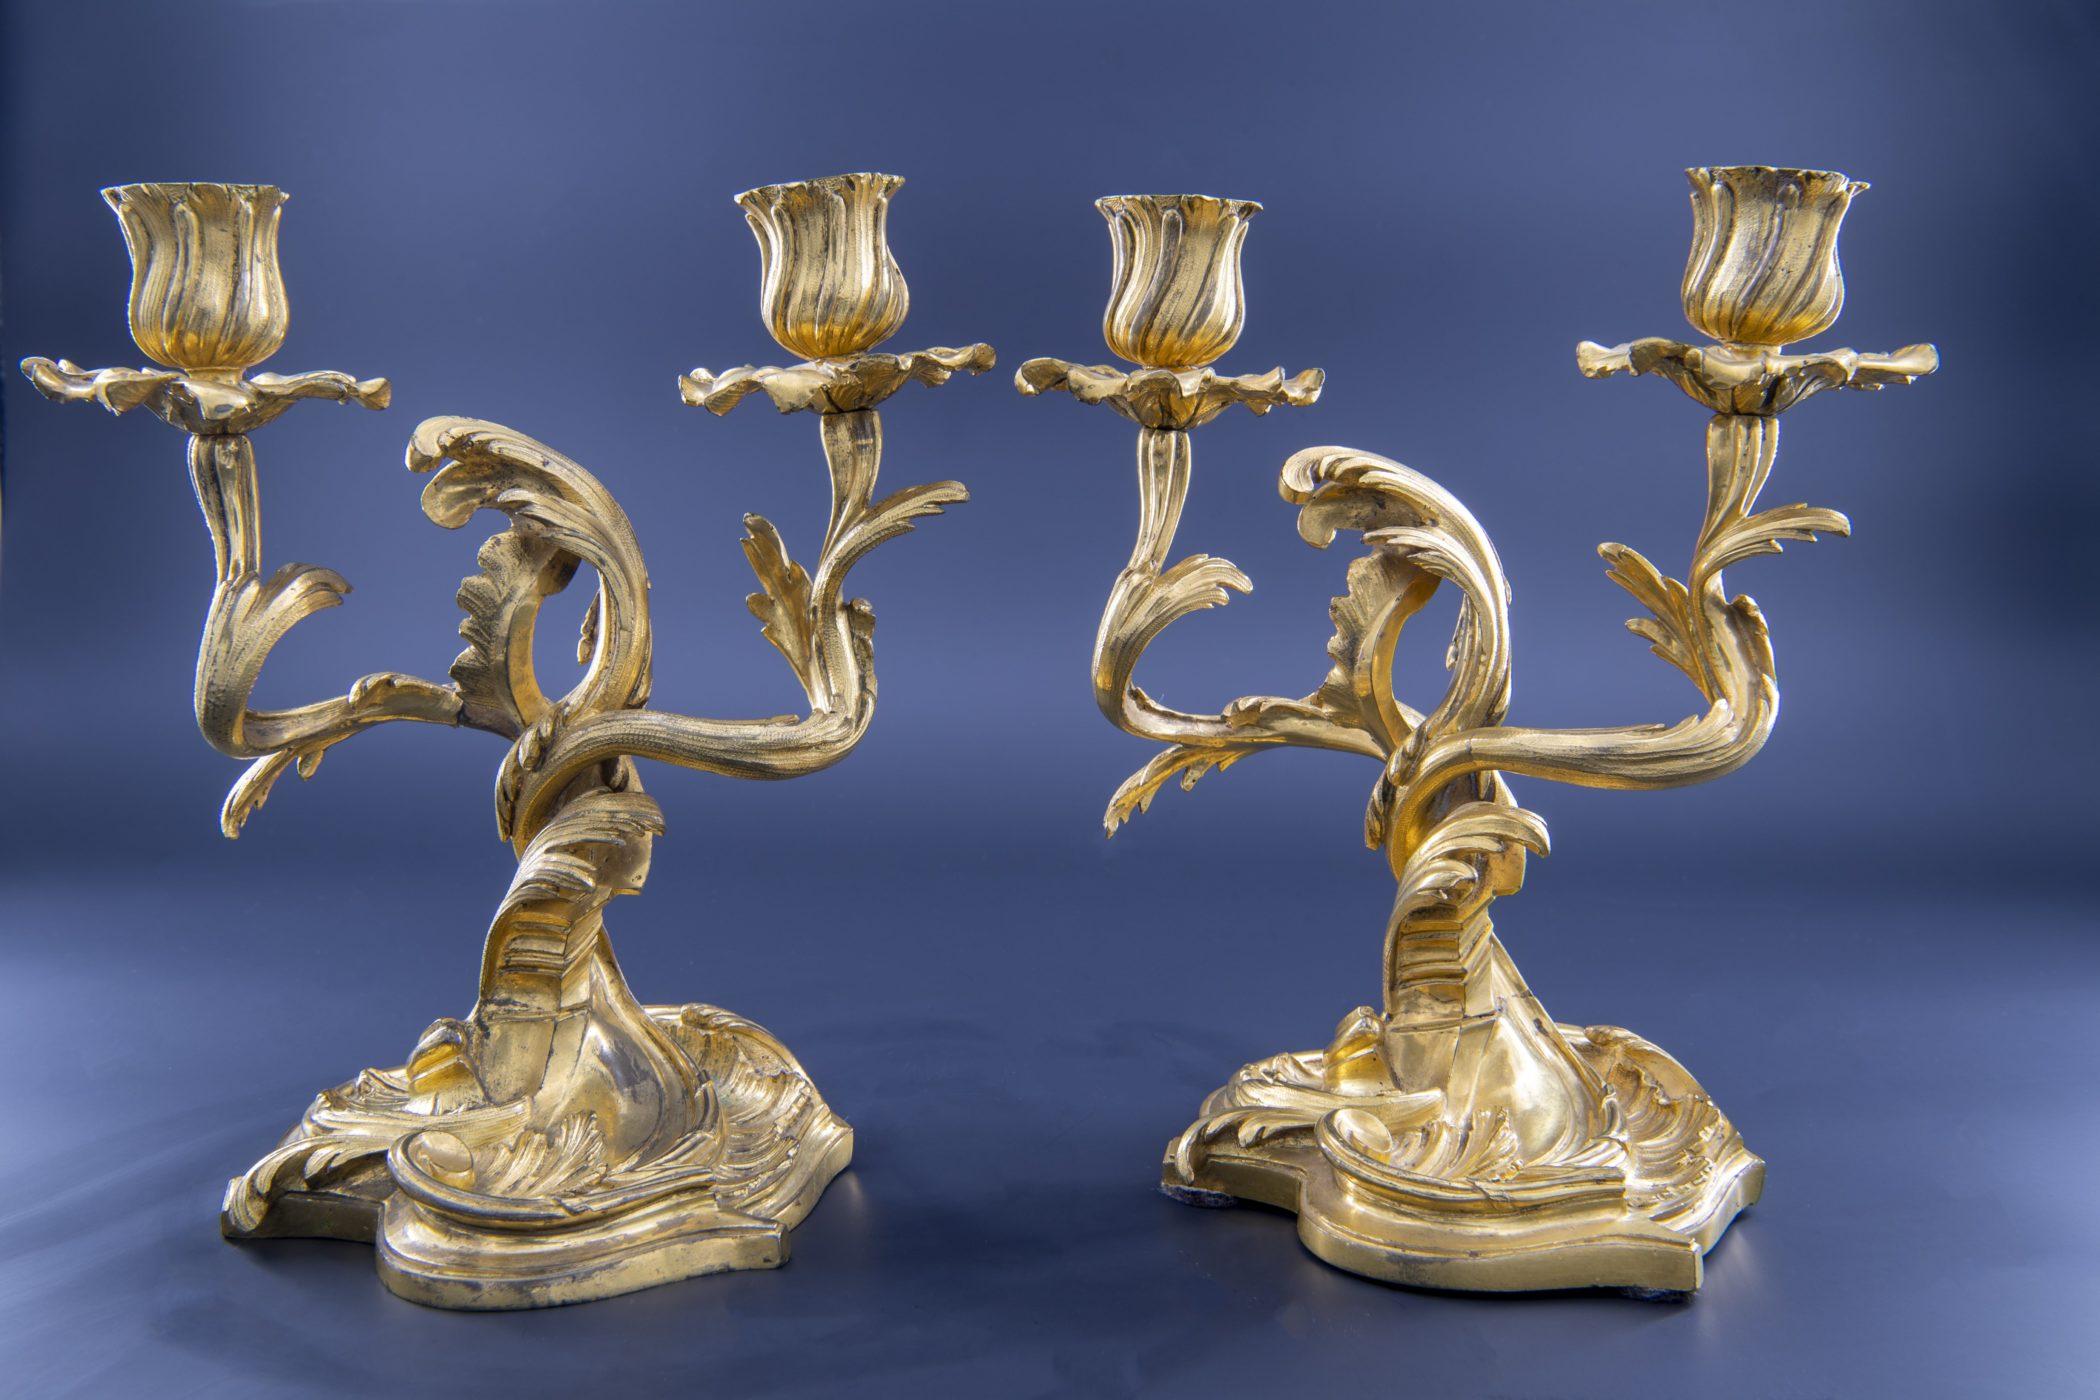 Paire de candélabres au C couronné, XVIIIe siècle